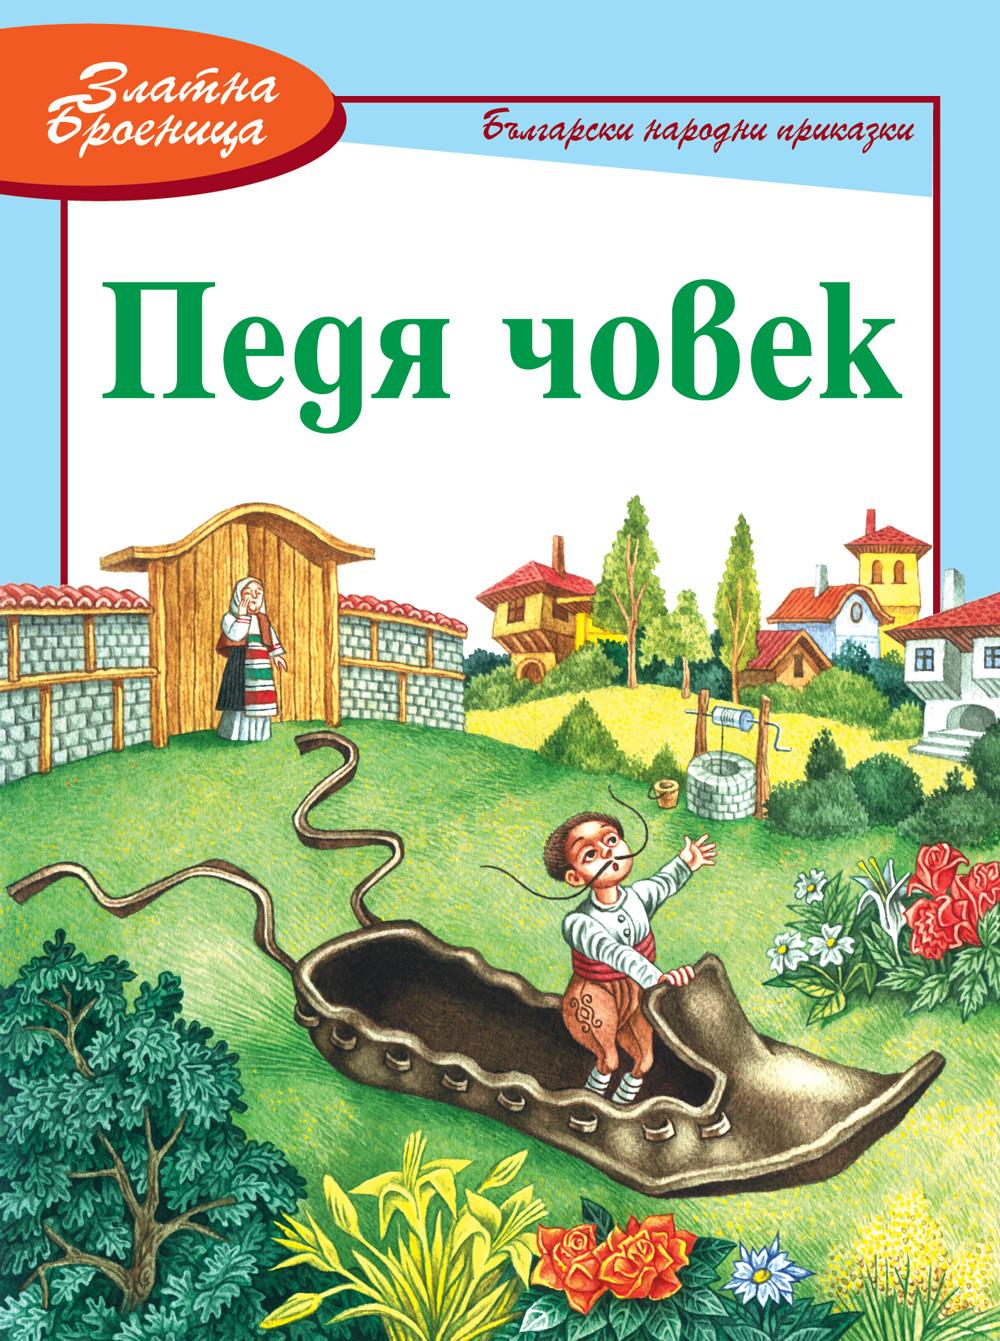 Български народни приказки: Педя човек